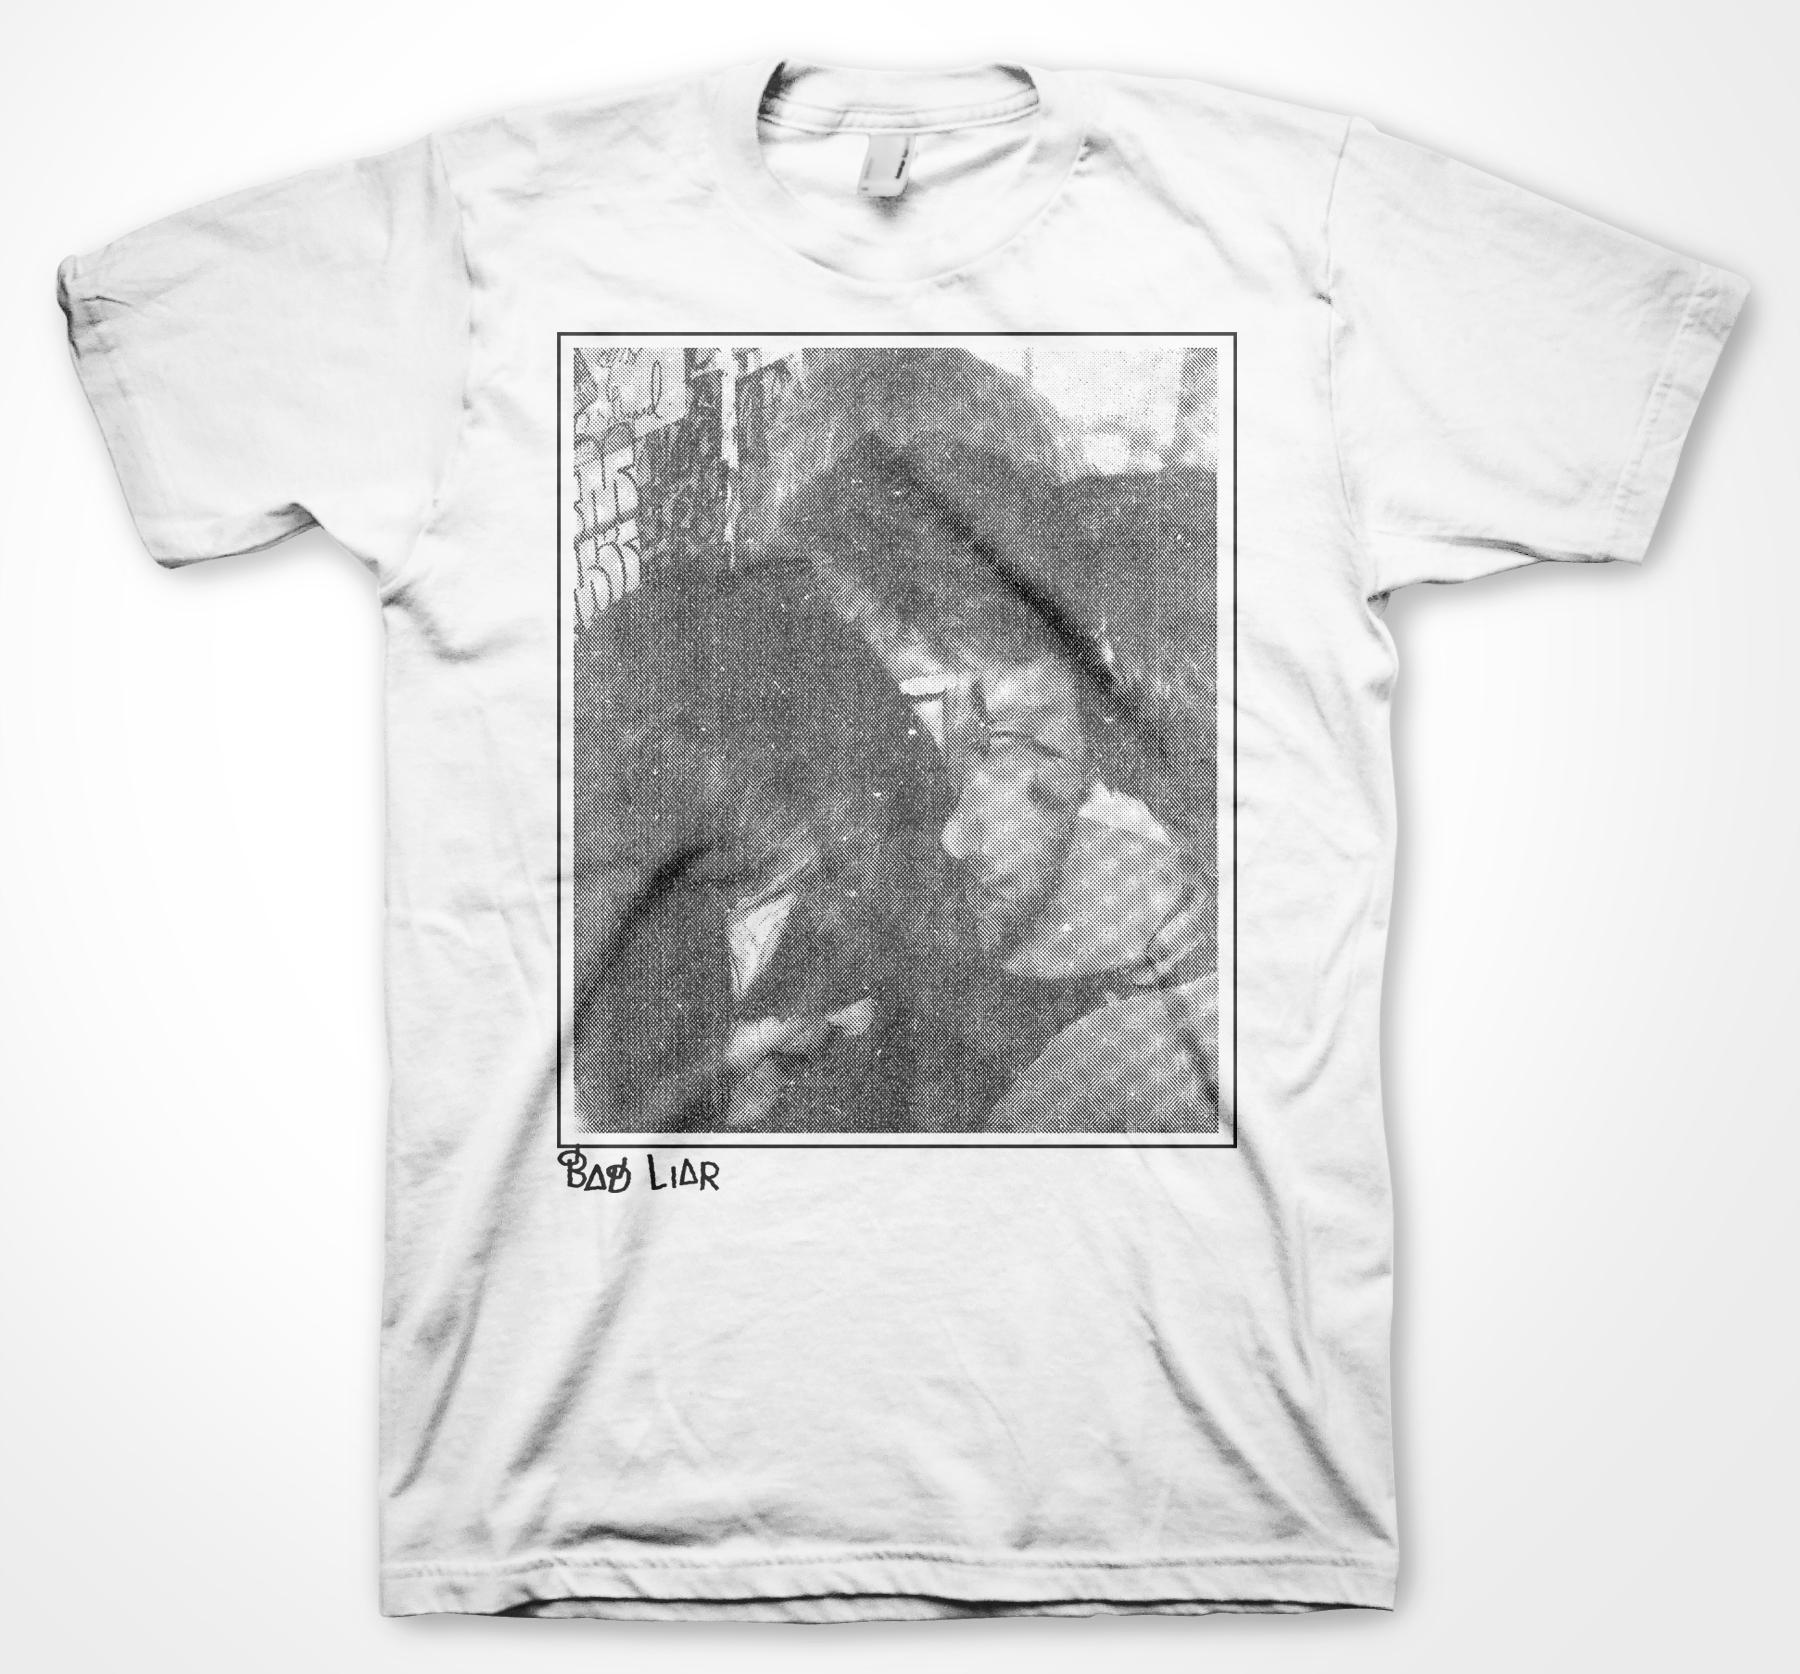 Bad Liar - T-Shirt